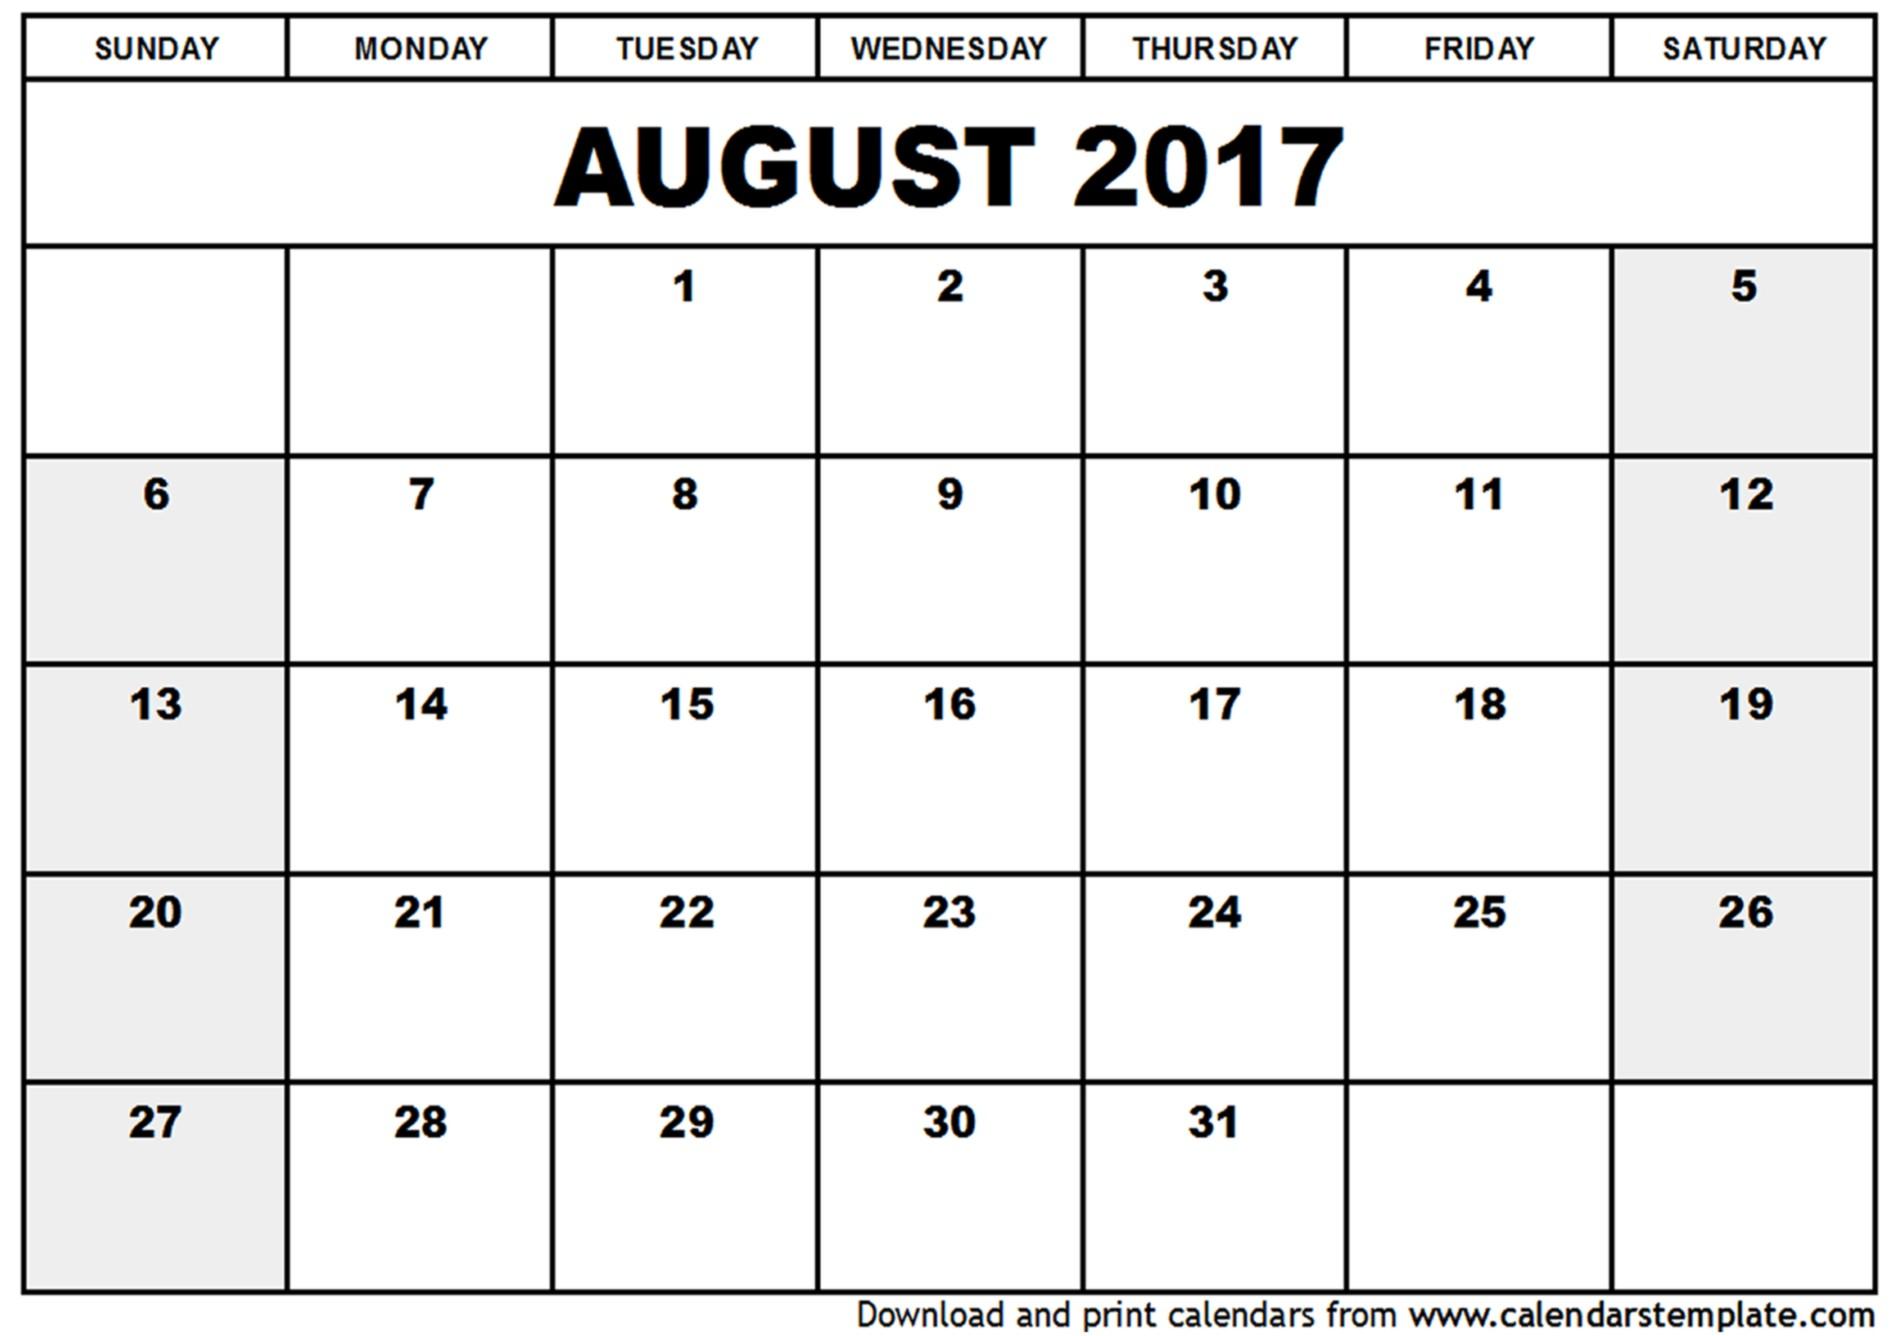 August Calendar Printable Blank August 2017 Calendar